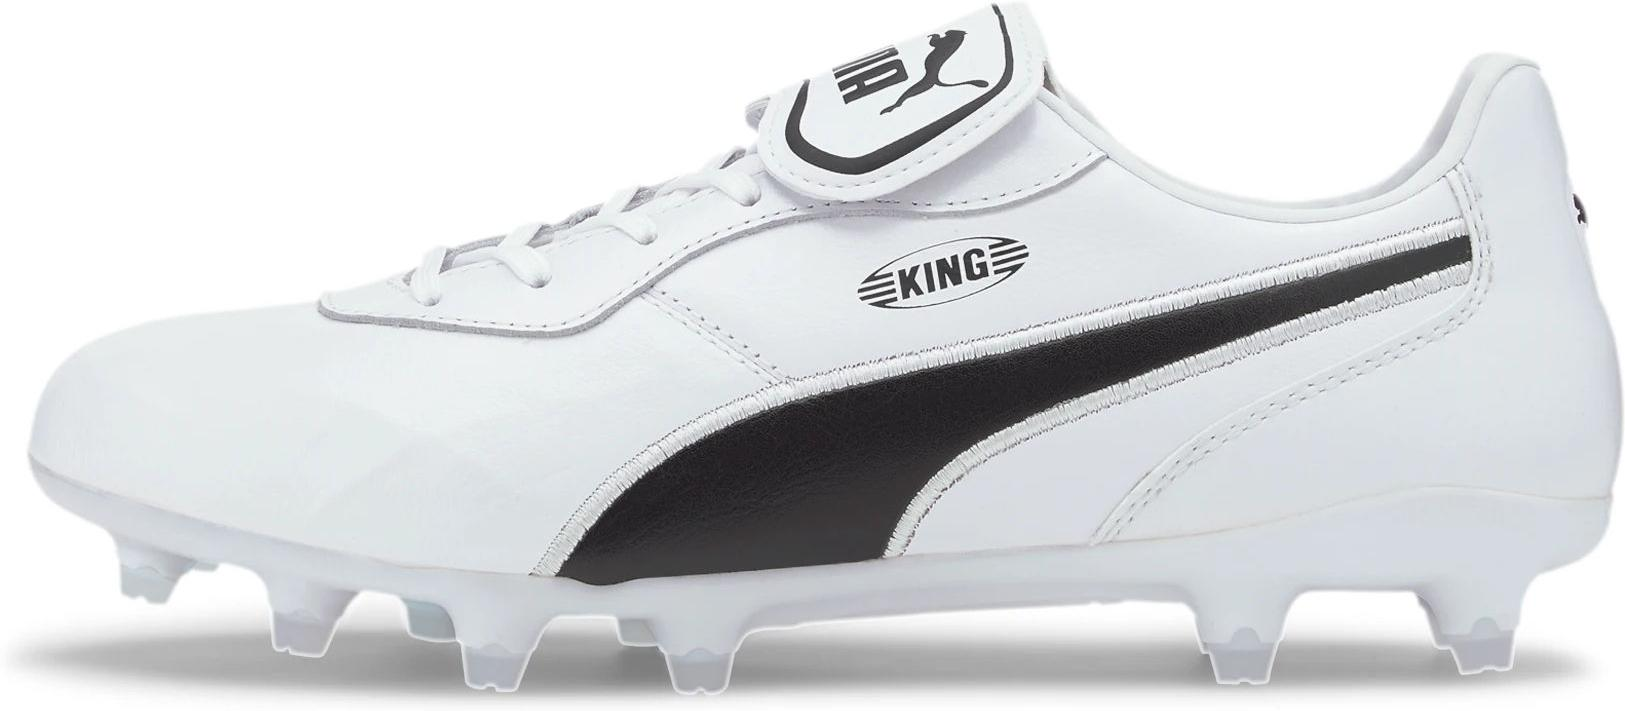 Kopačky Puma KING Top FG bílá